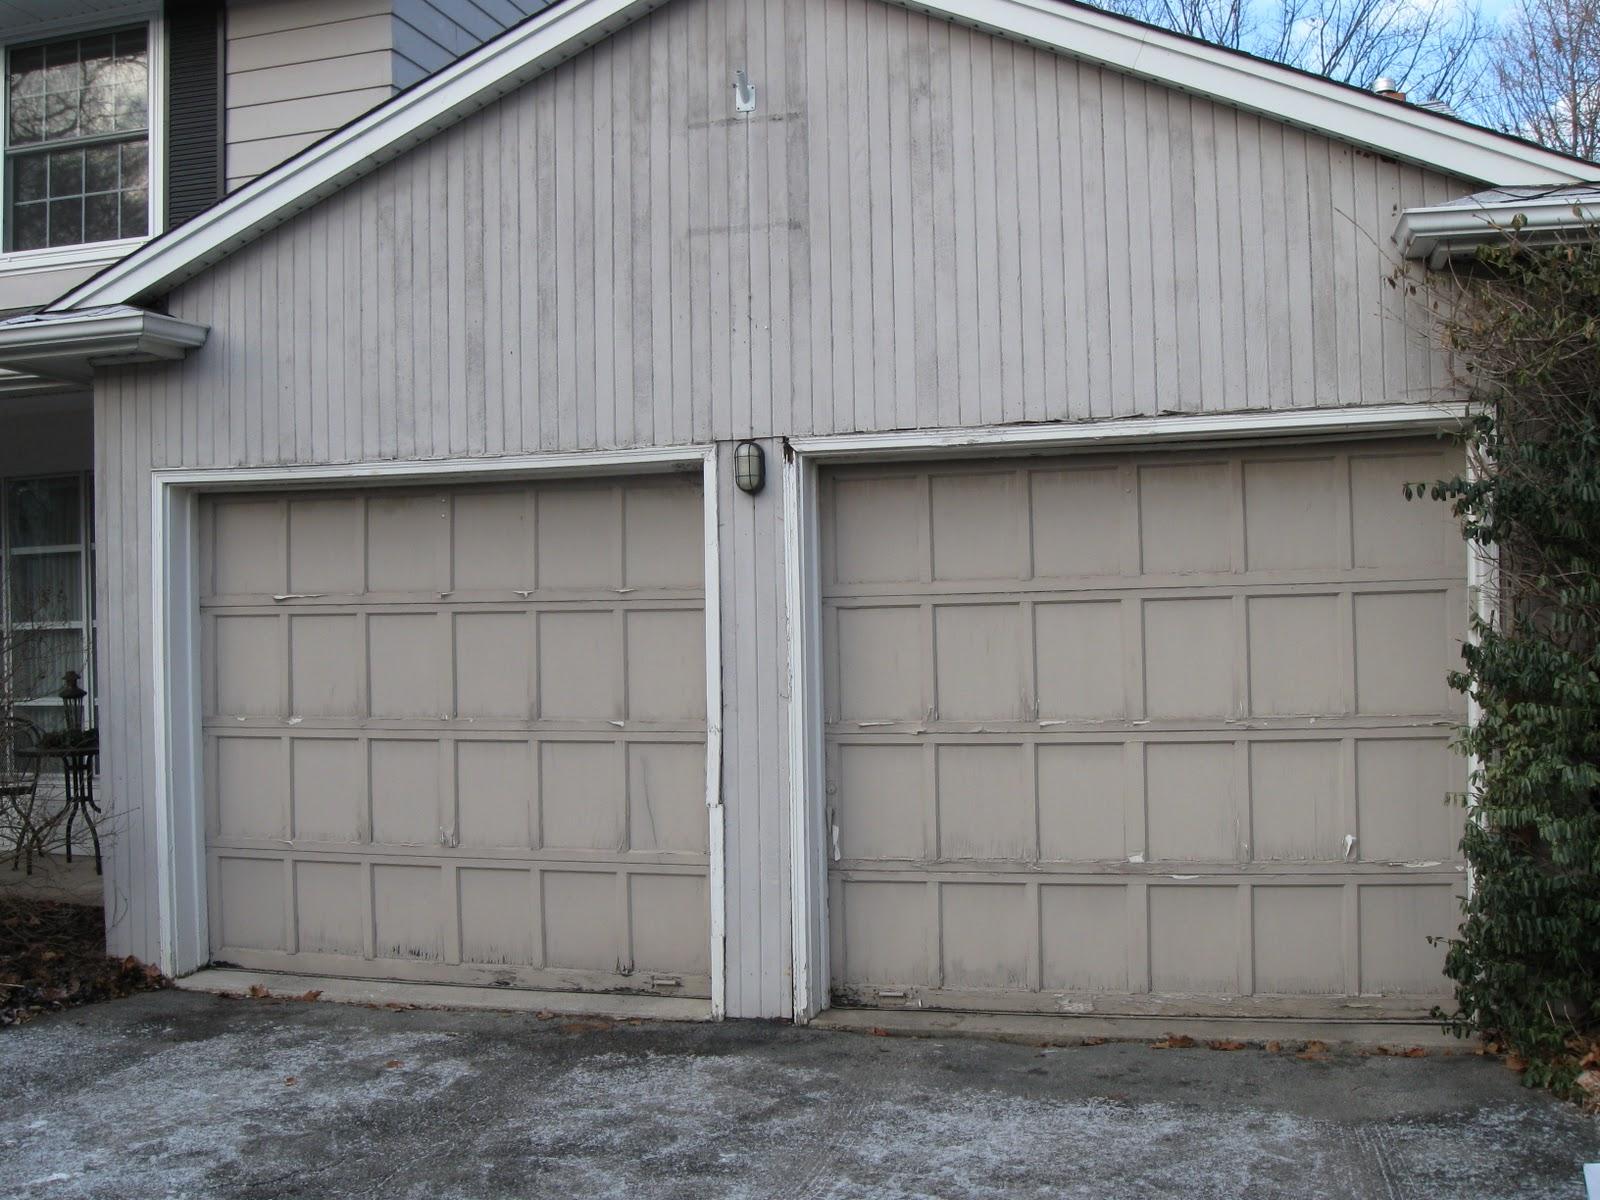 1200 #40688B Rave Projects: New Garage Doors image New Garage Doors 36931600